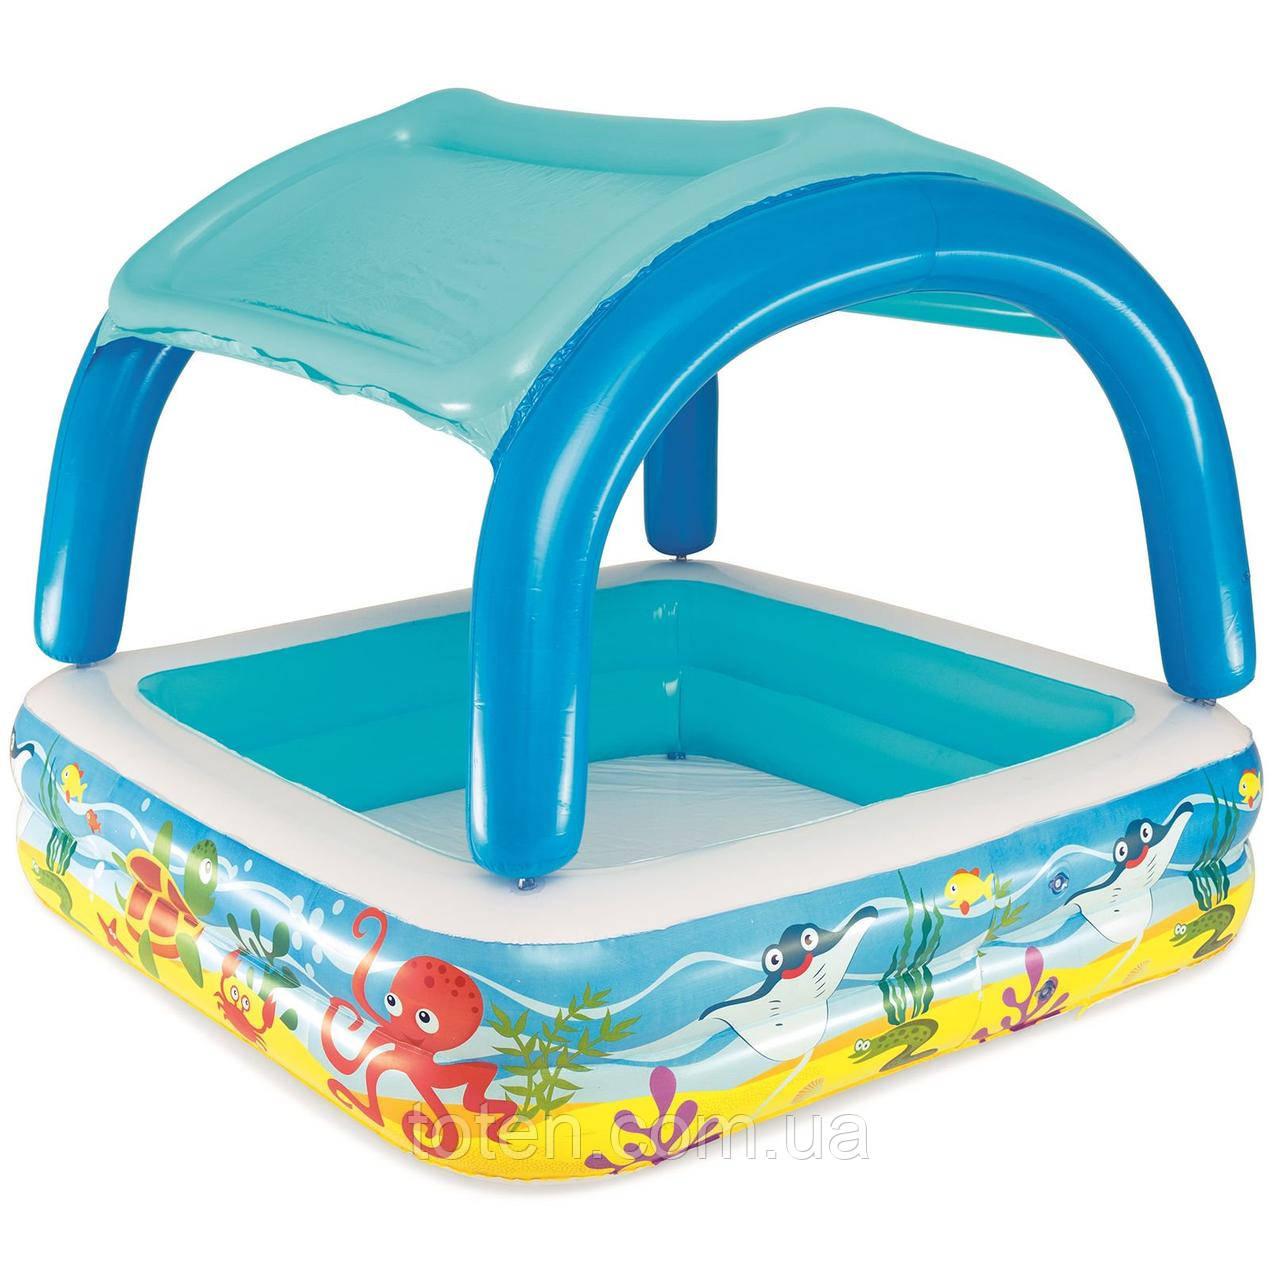 Детский бассейн Bestway 52192 с крышей